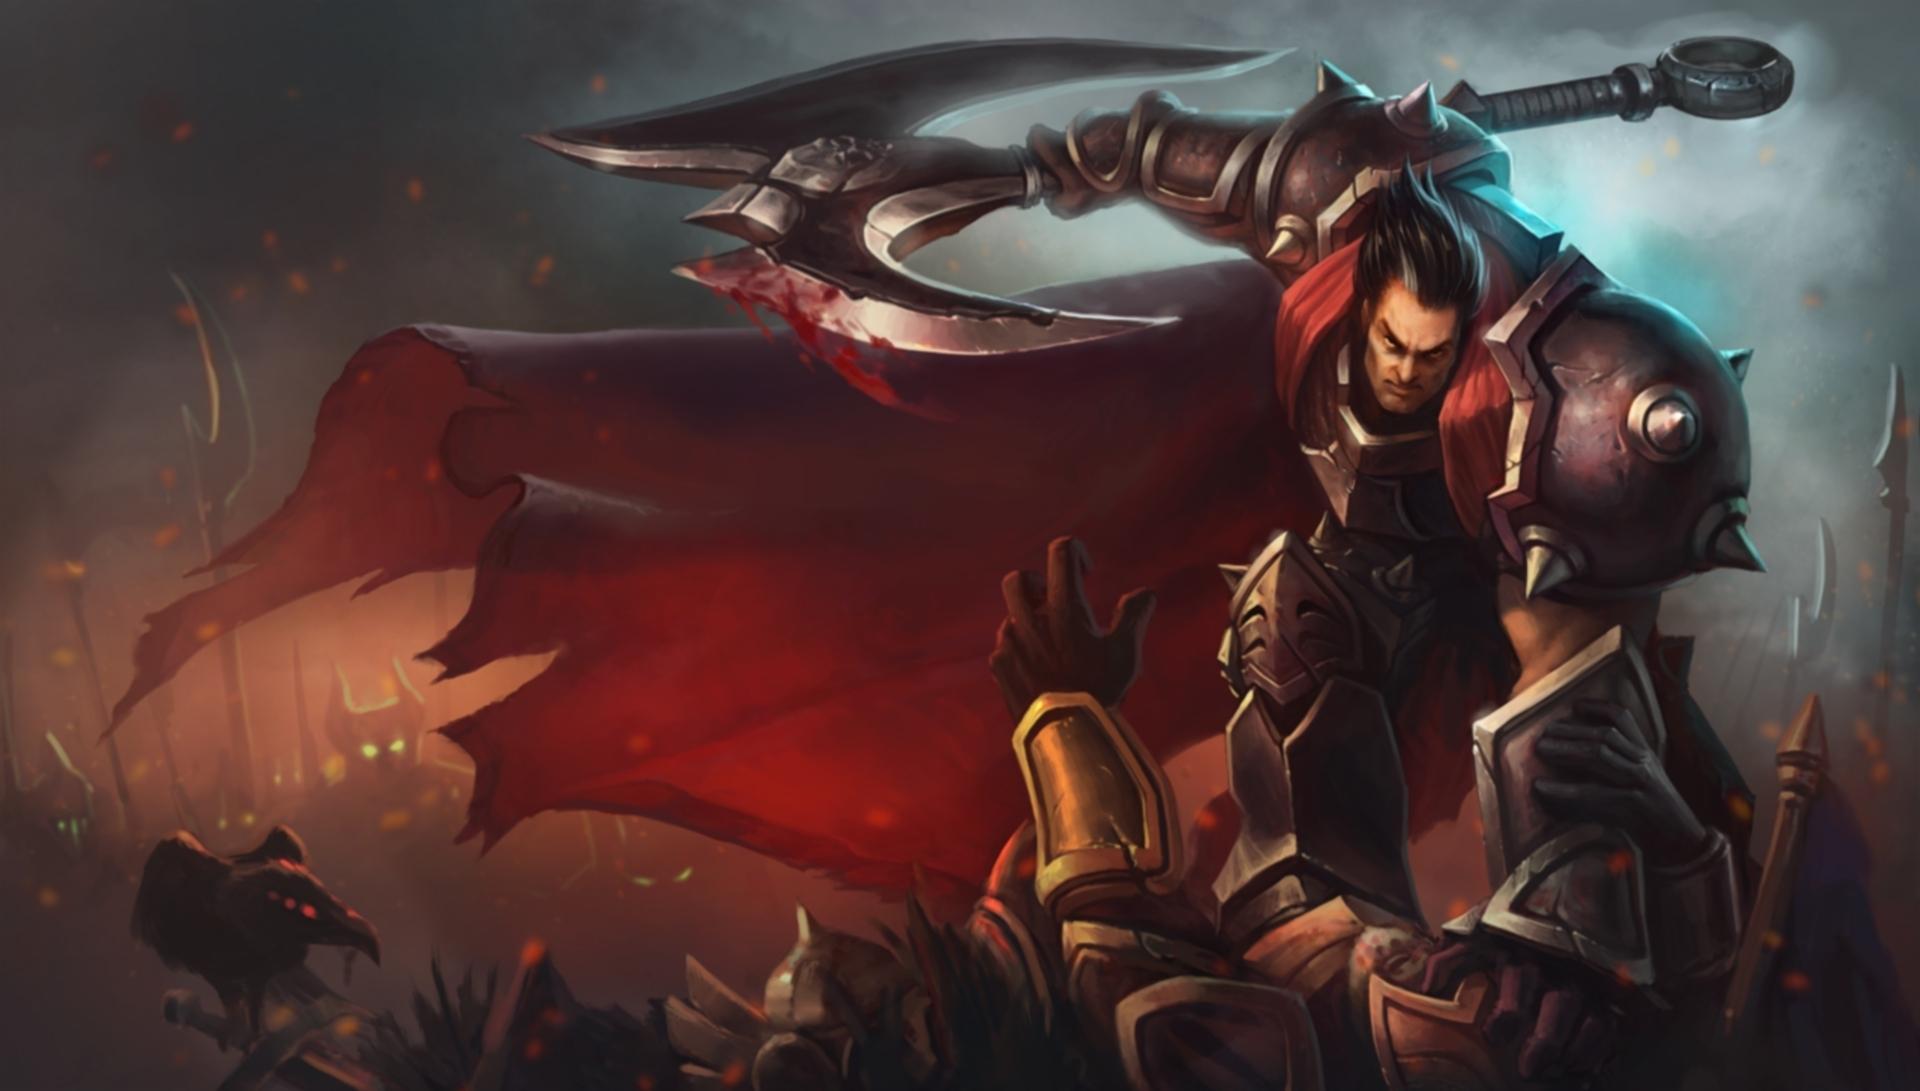 Darius savaşta hangi komutanını ortadan ikiye bölmüştür?